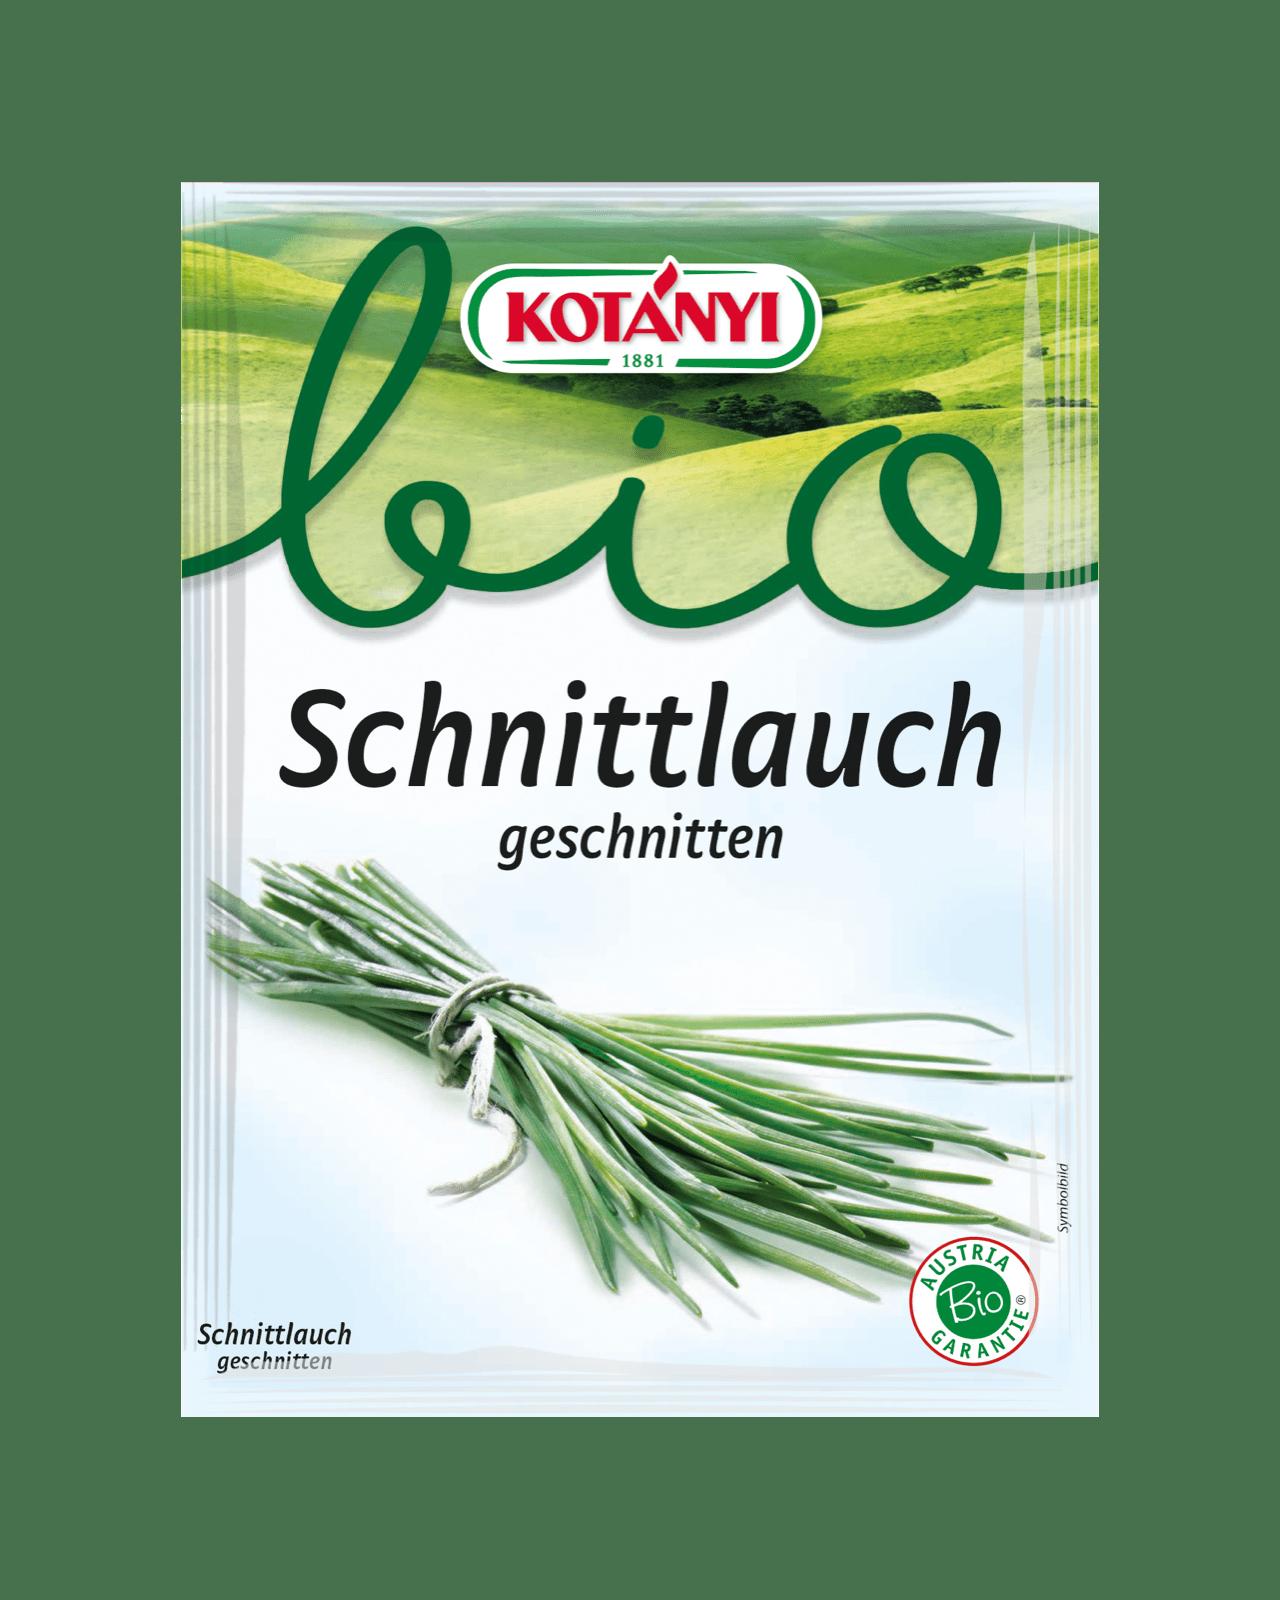 Kotányi Bio Schnittlauch in der Briefpackung